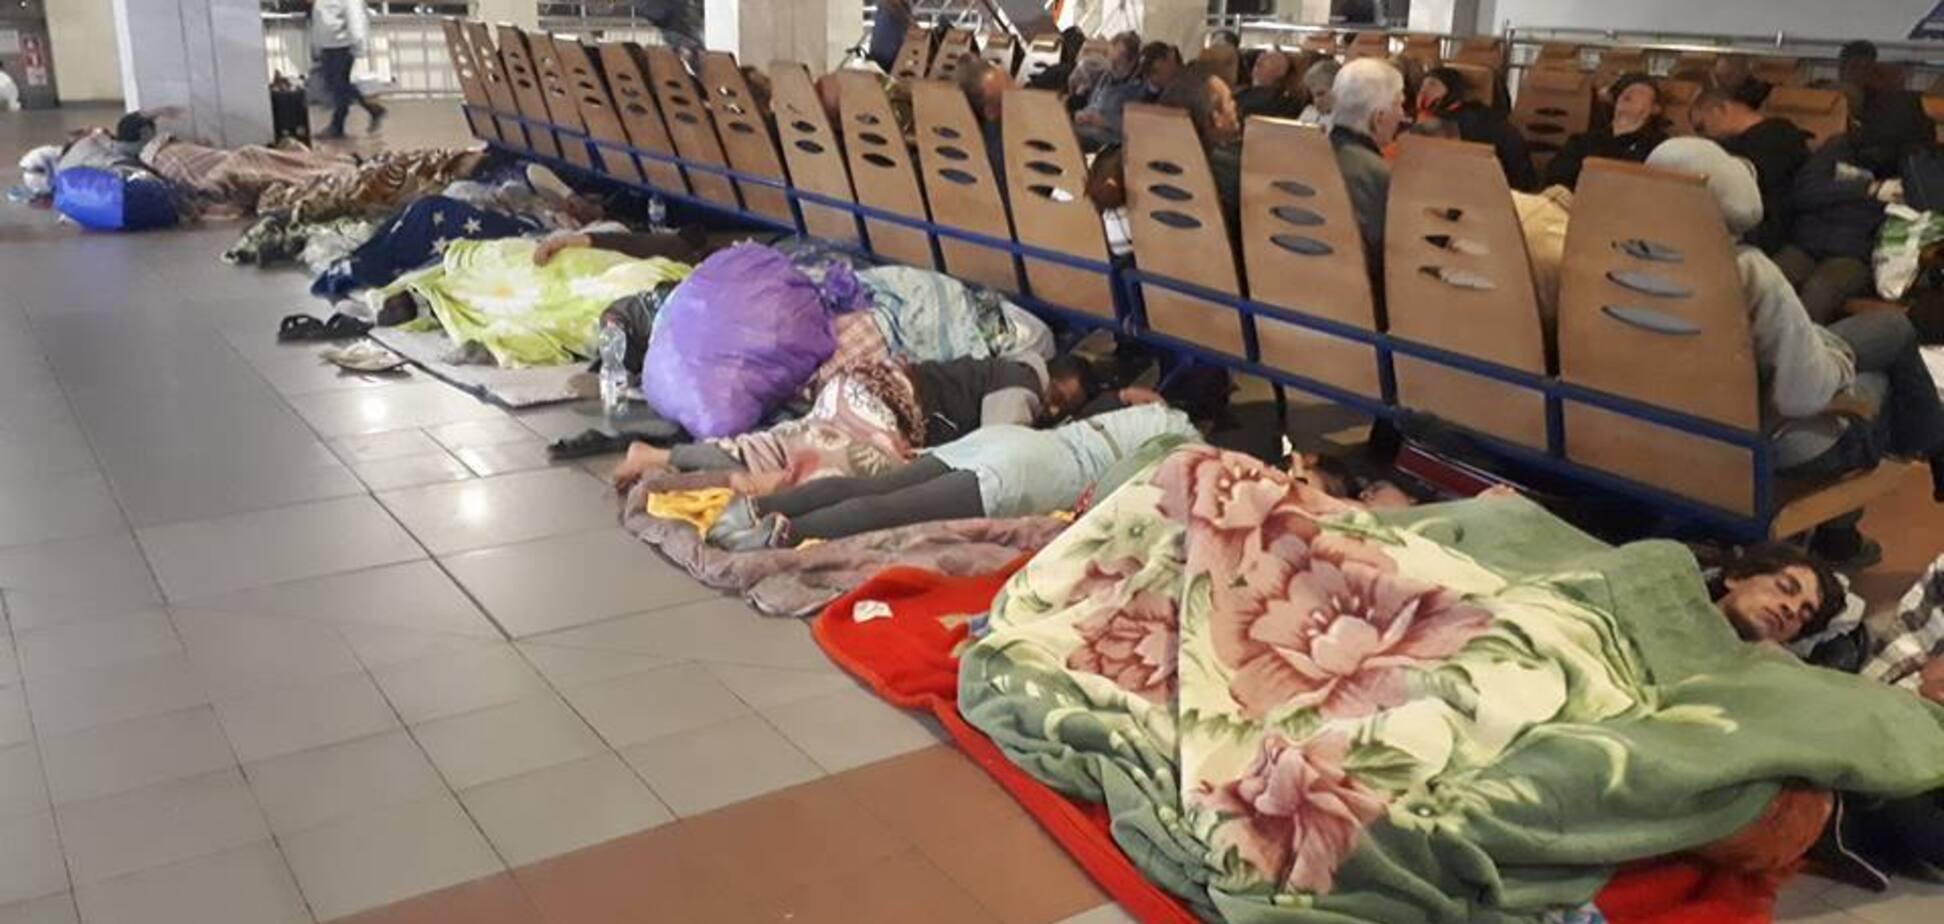 Ромы 'захватили' вокзал в Киеве: в полиции отмахнулись